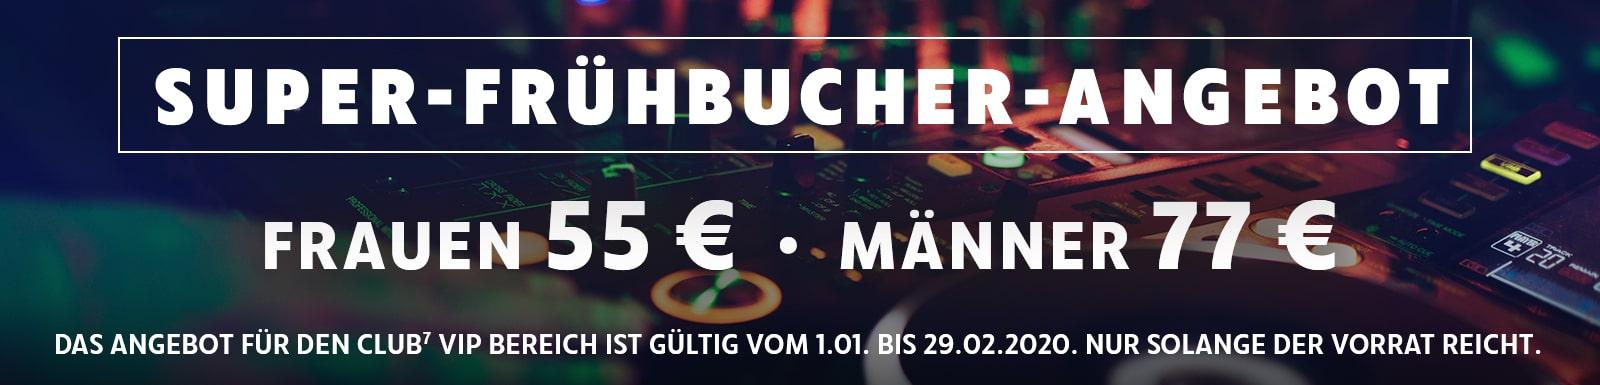 Banner Super Frühbucher Angebot